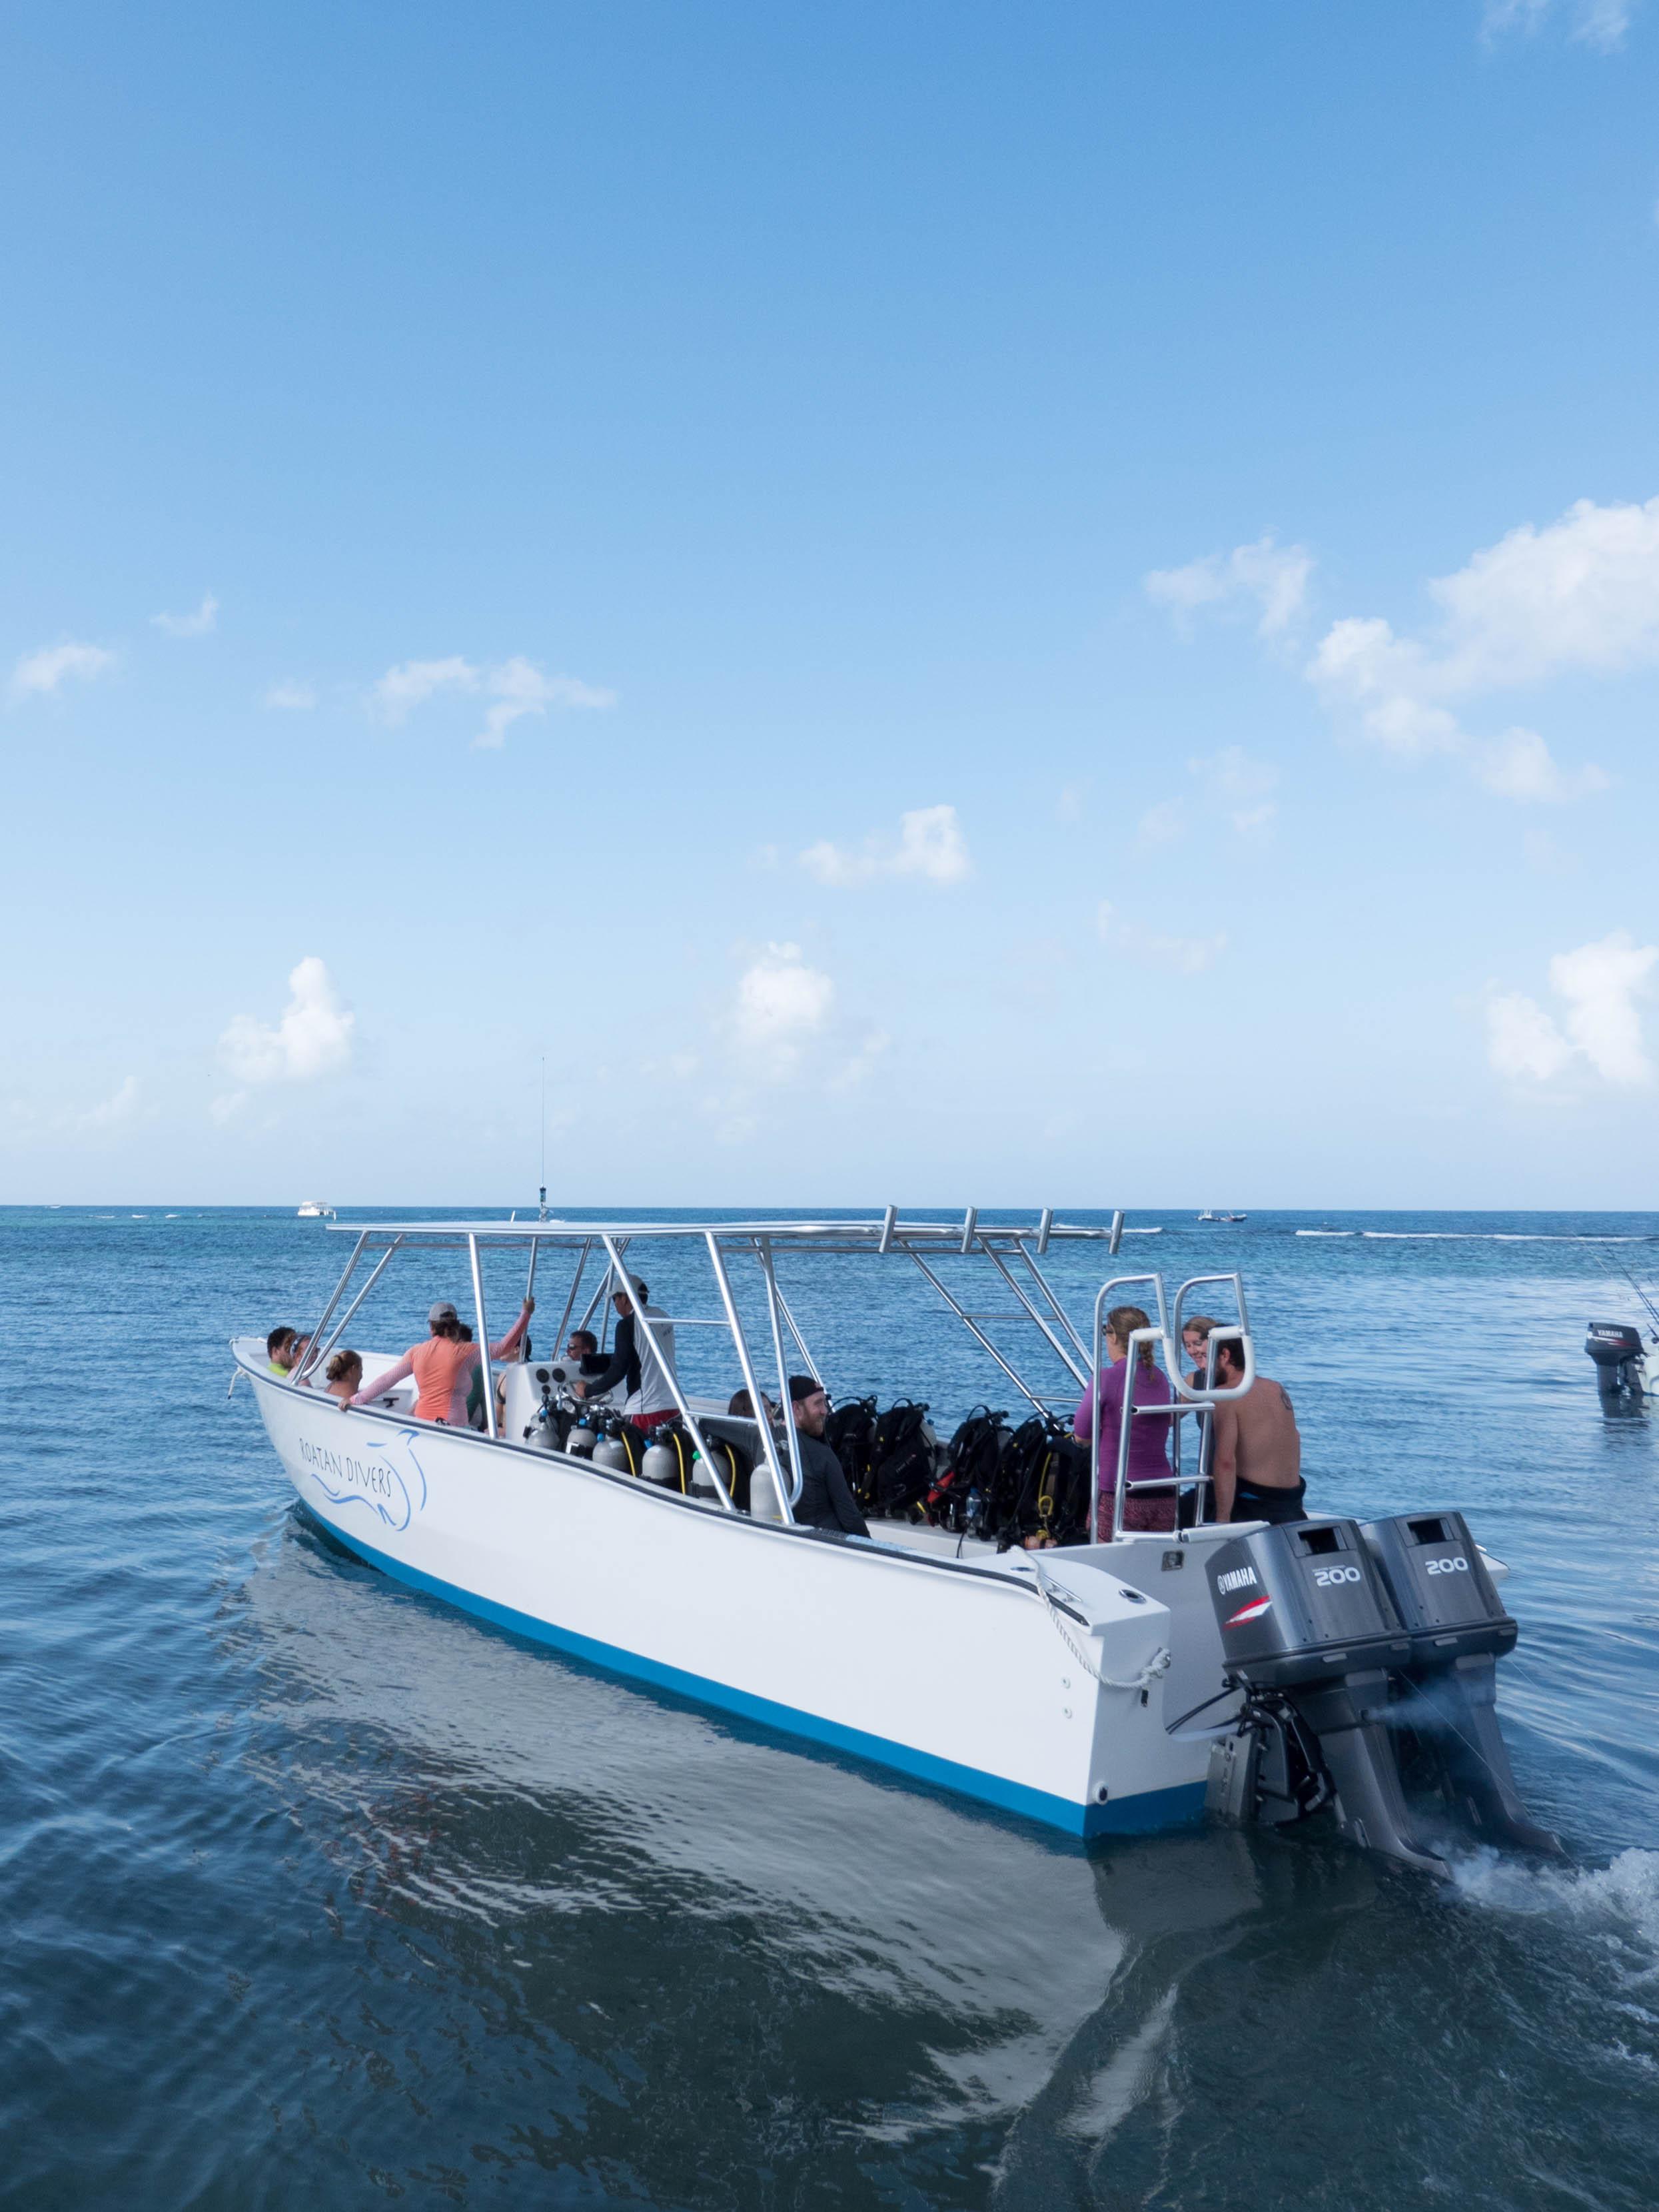 Roatan Divers' boat, Sága